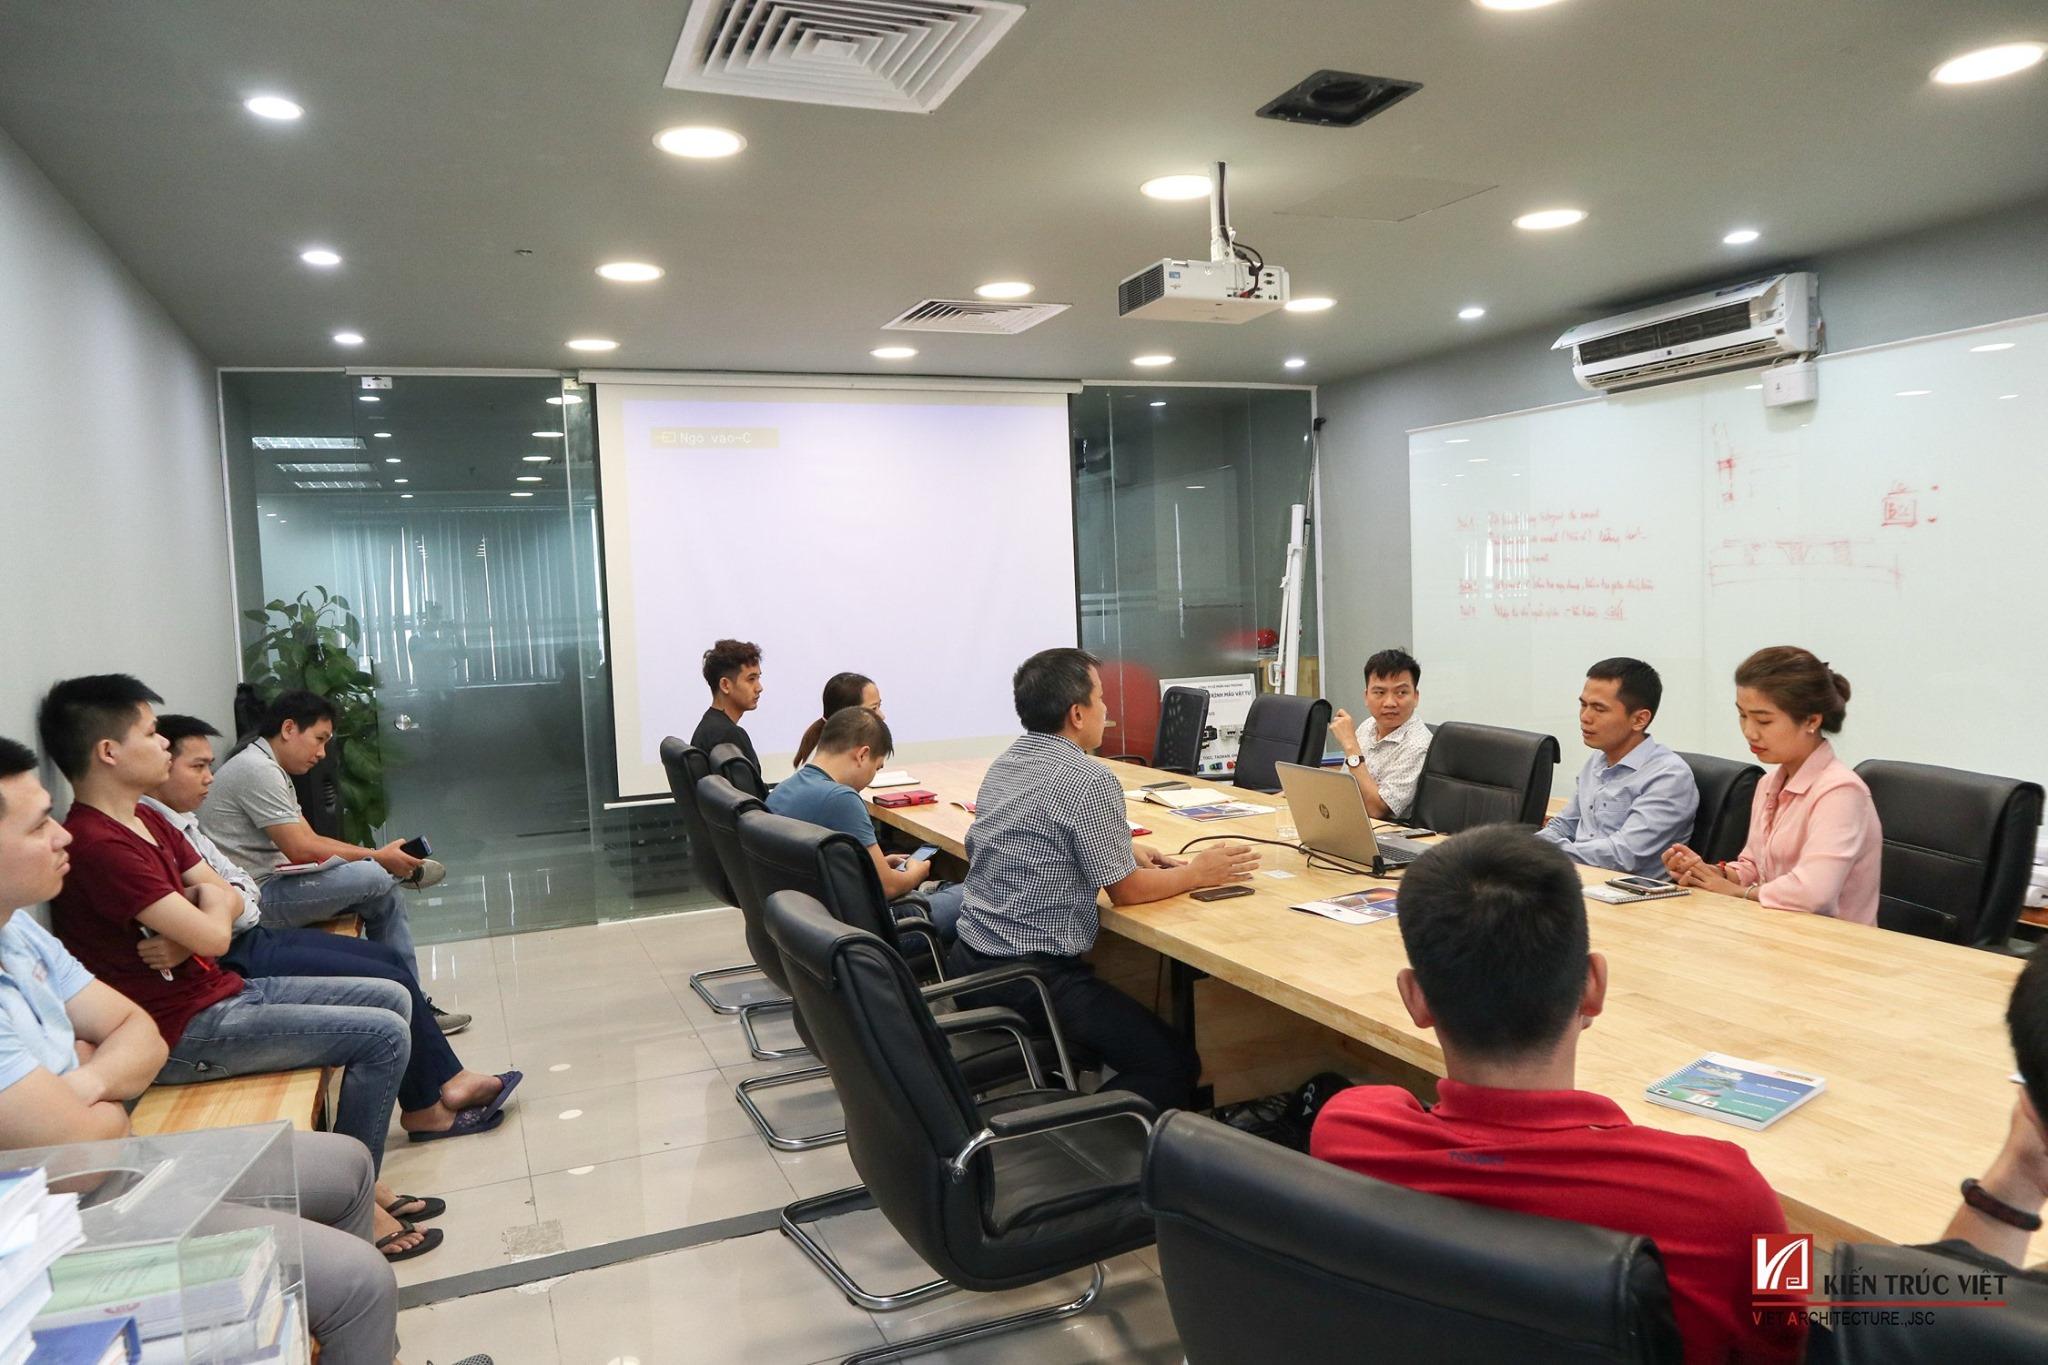 Hội thảo chia sẻ kinh nghiệm và công nghệ sửa chữa